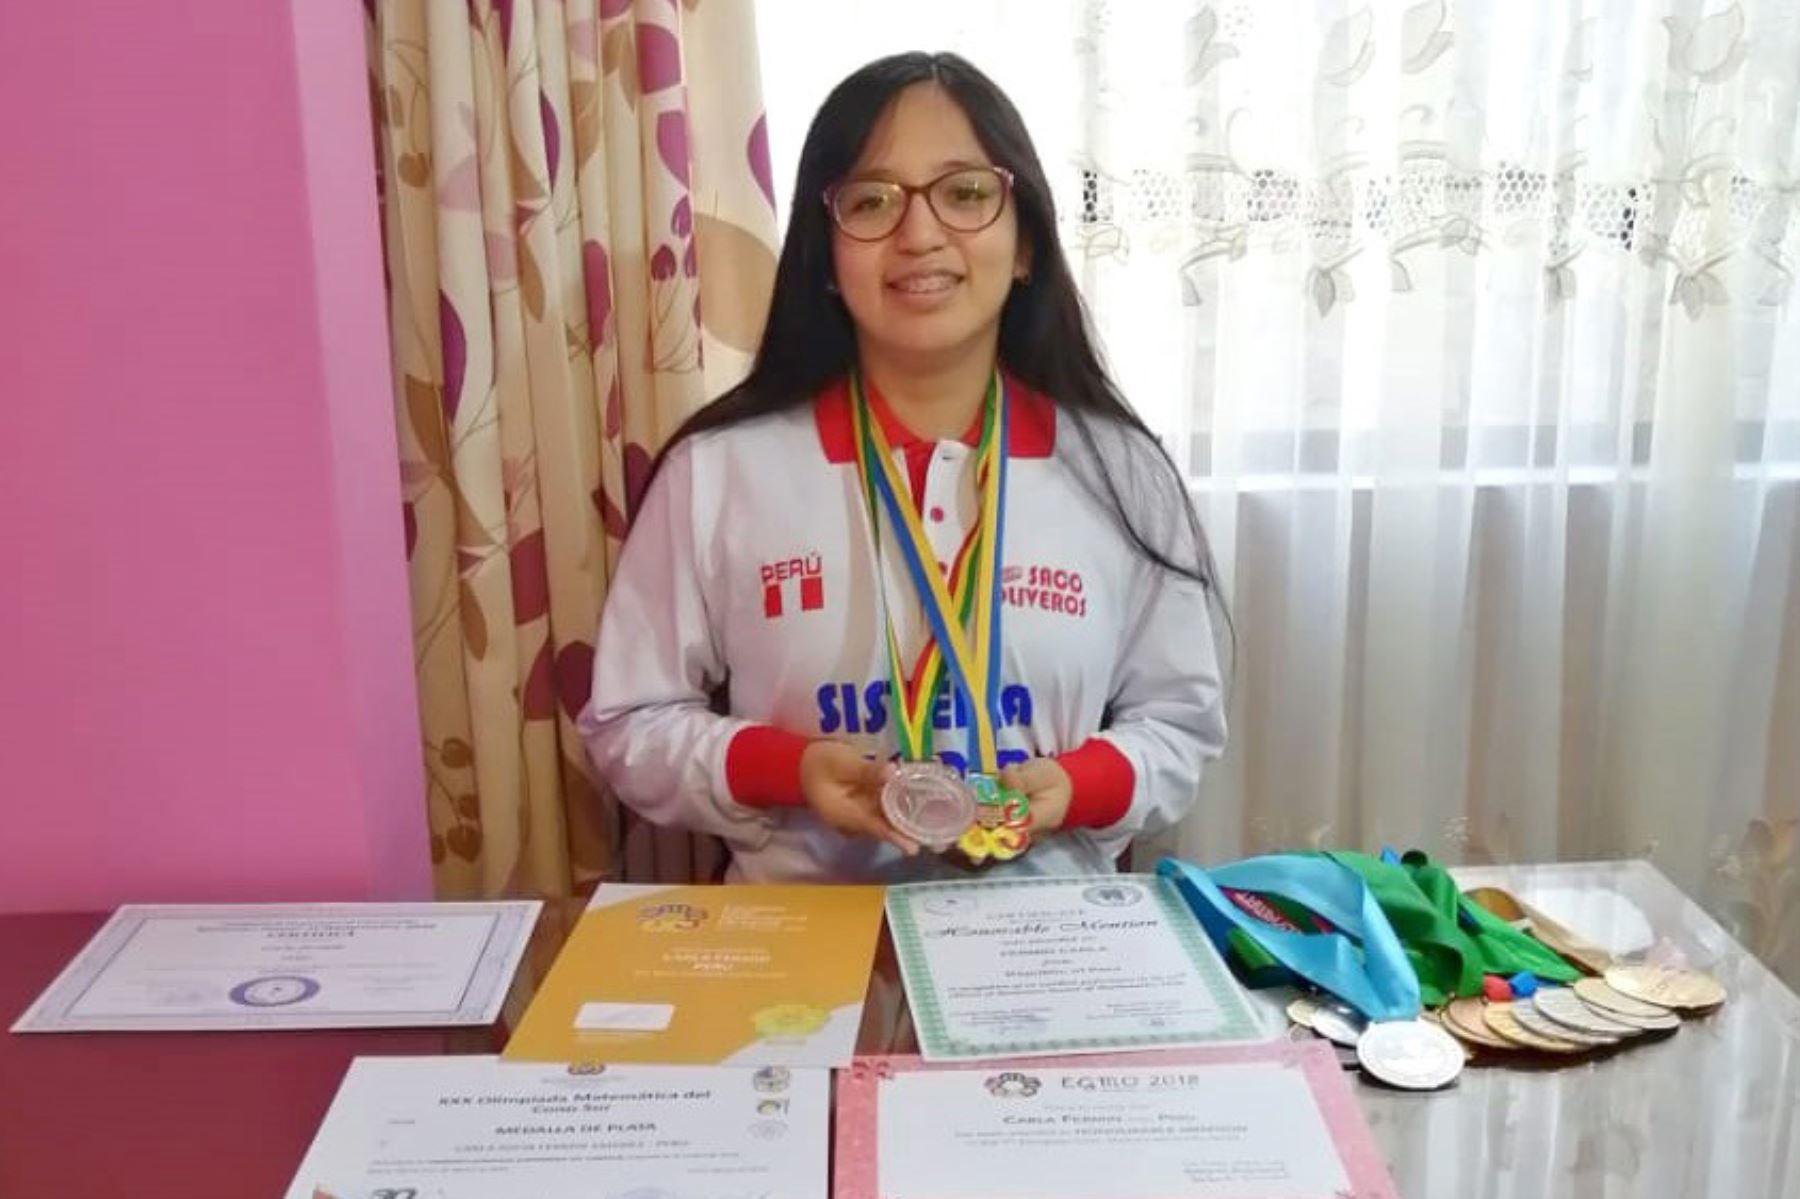 Carla Fermín Jiménez, obtuvo la medalla de oro en la Olimpiada Europea Femenina de Matemática (EGMO 2020). Tiene 15 años y es alumna de 4to. de secundaria en el colegio Saco Oliveros.ANDINA/Difusión